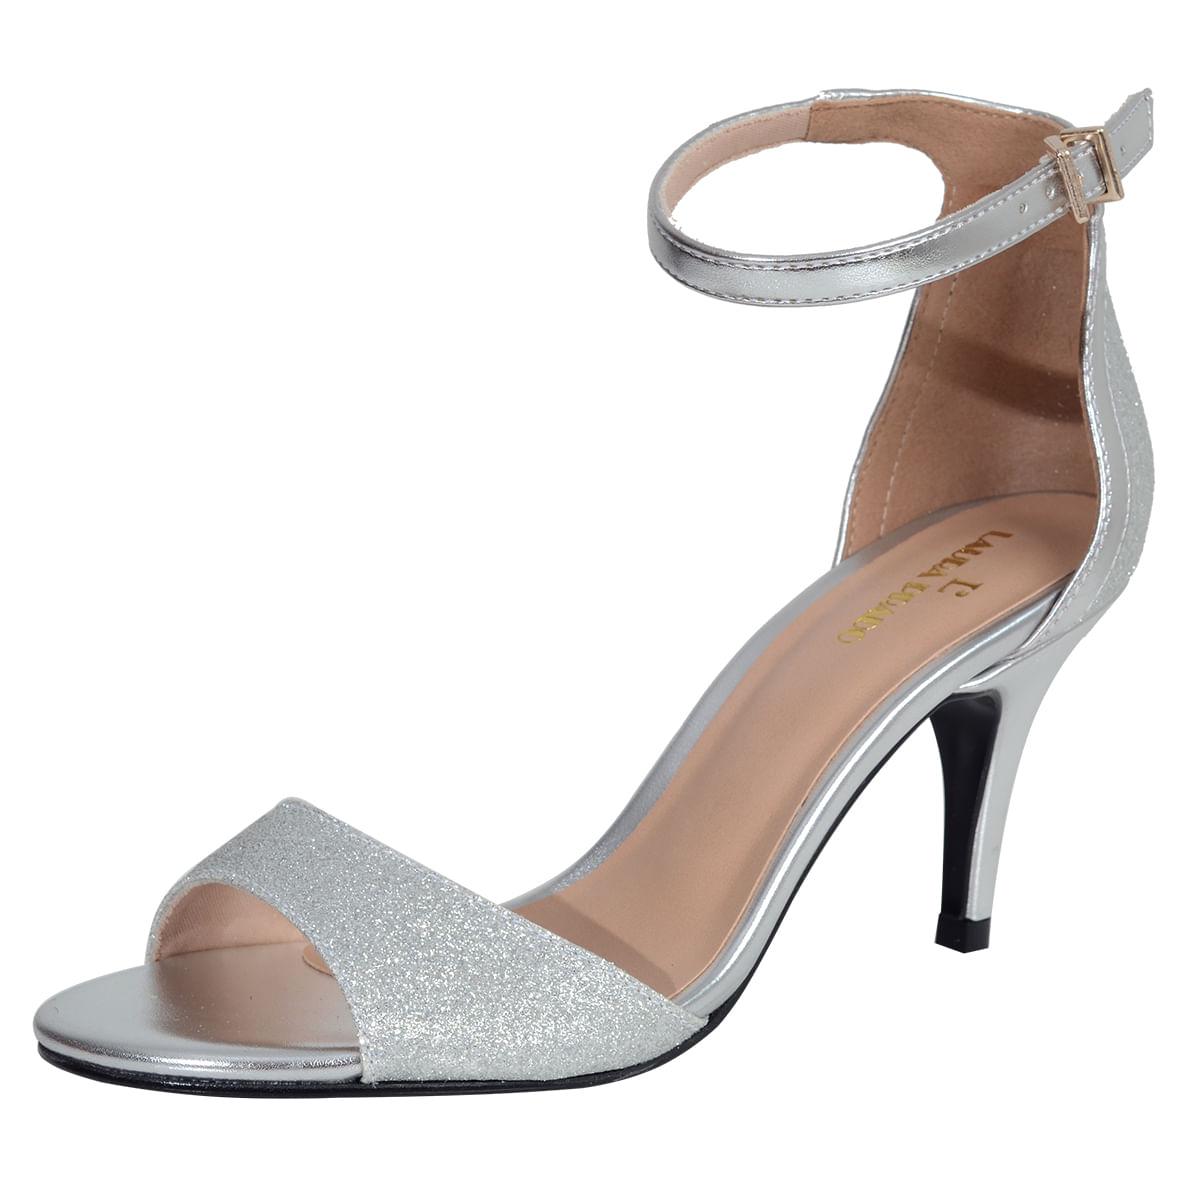 3c15755b7 Sandalia Salto Medio Glitter Prata - Laura Prado